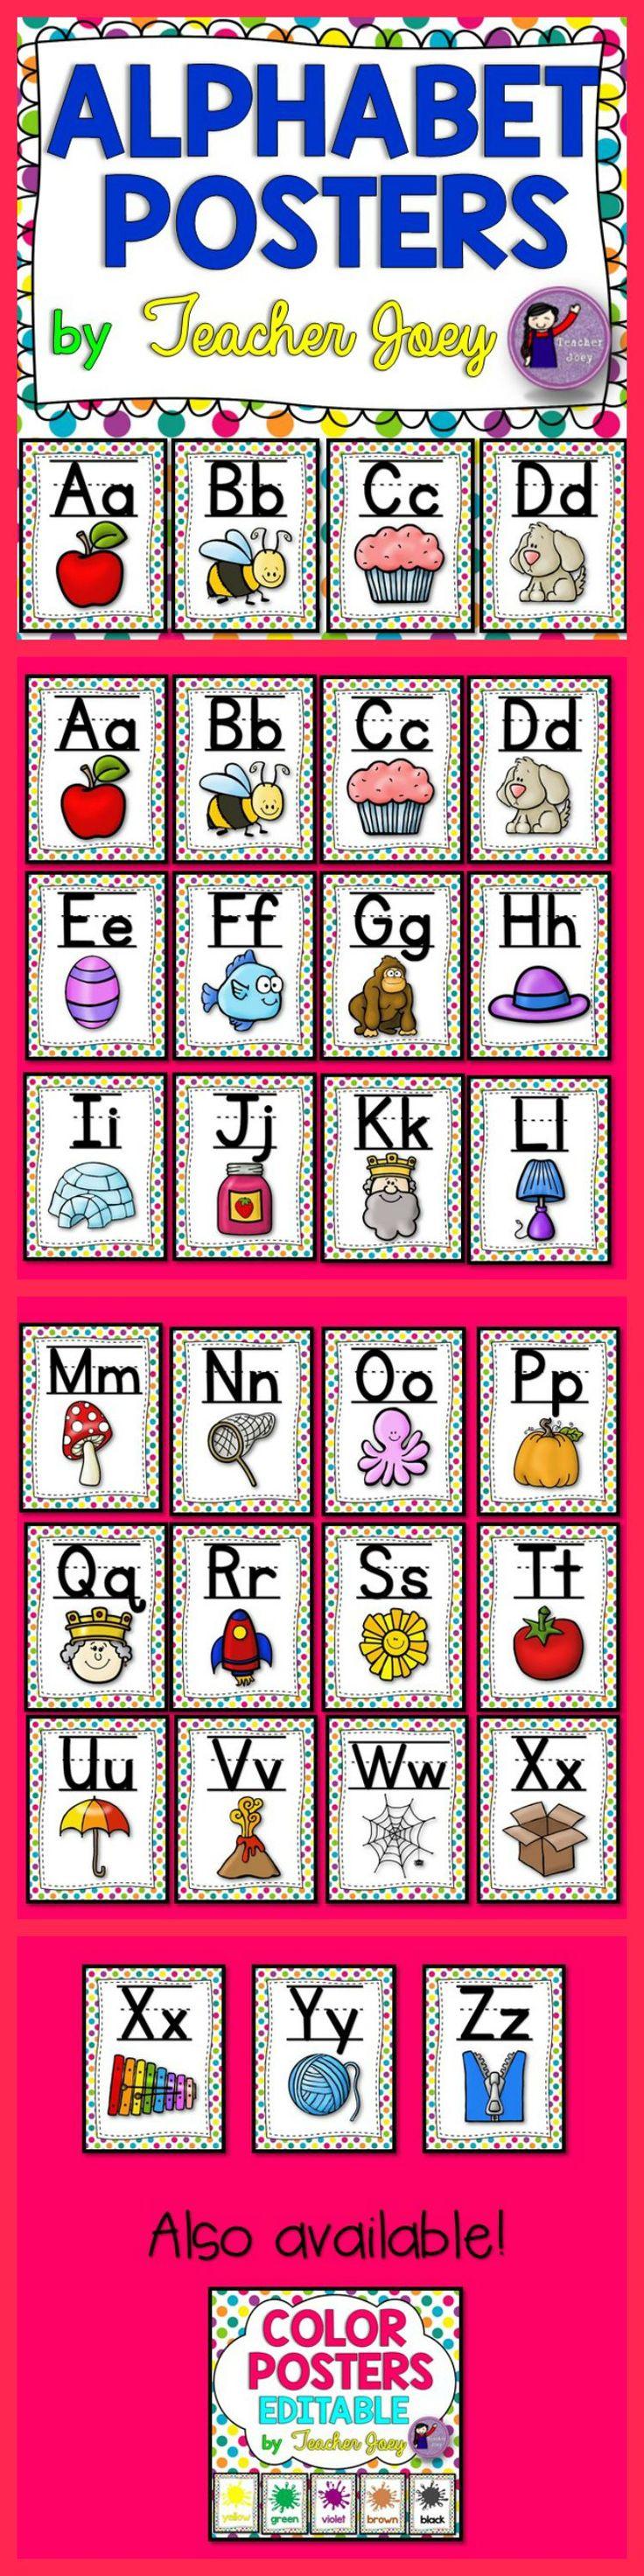 Alphabet Posters Rainbow Polka Dots Background #teacherspayteachers #tpt